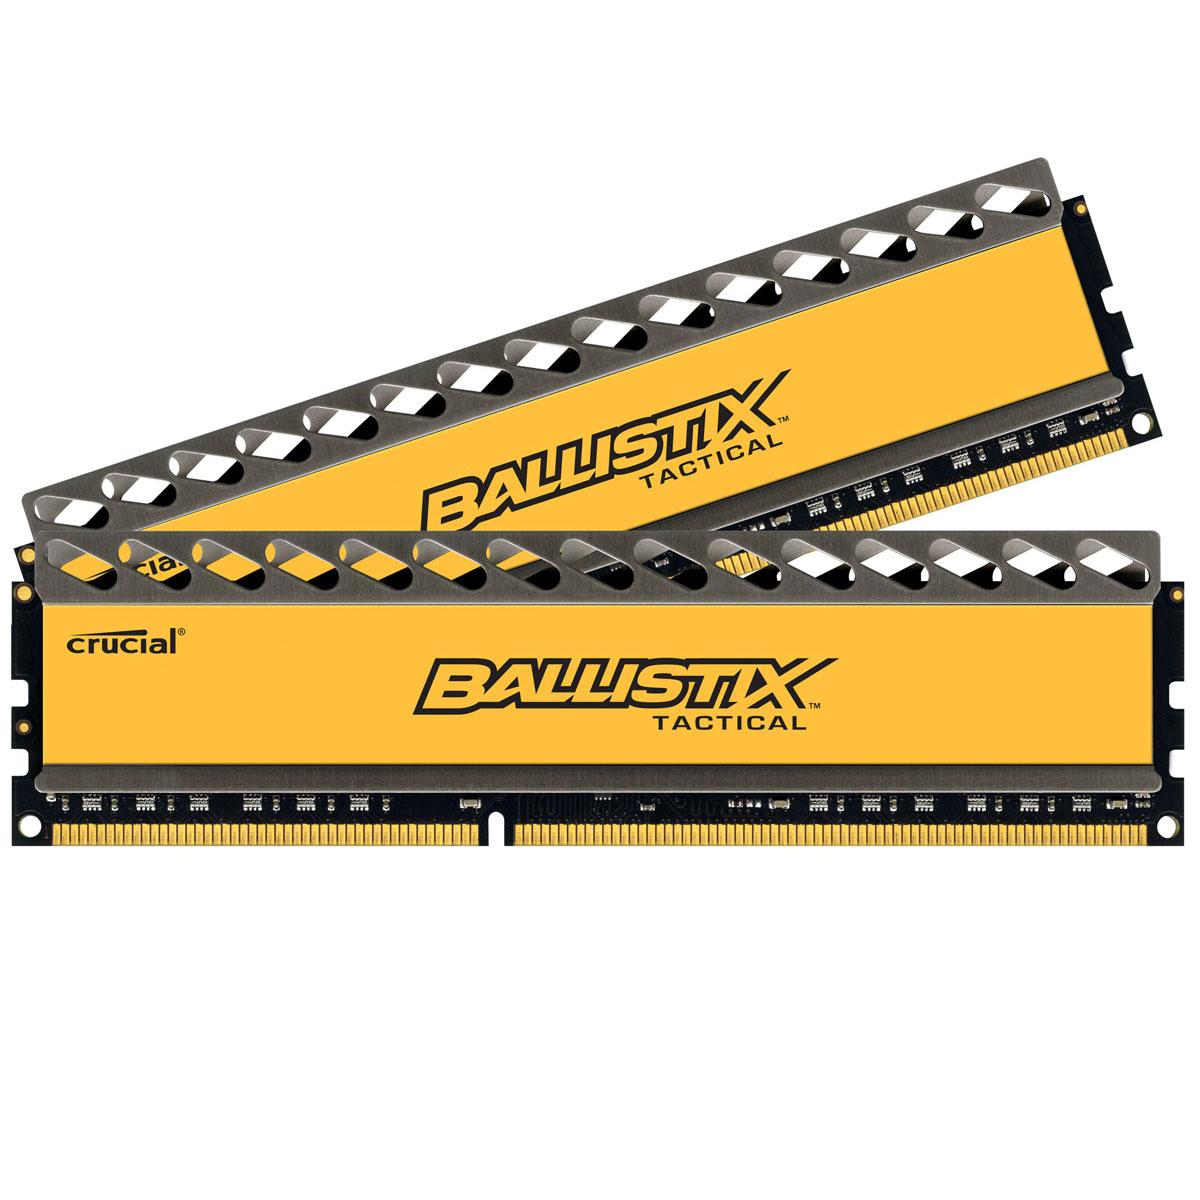 Mémoire PC Ballistix Tactical 8 Go (2 x 4 Go) DDR3 1600 MHz CL8 Kit Dual Channel RAM DDR3 PC12800 - BLT2CP4G3D1608DT1TX0CEU (garantie à vie par Crucial)